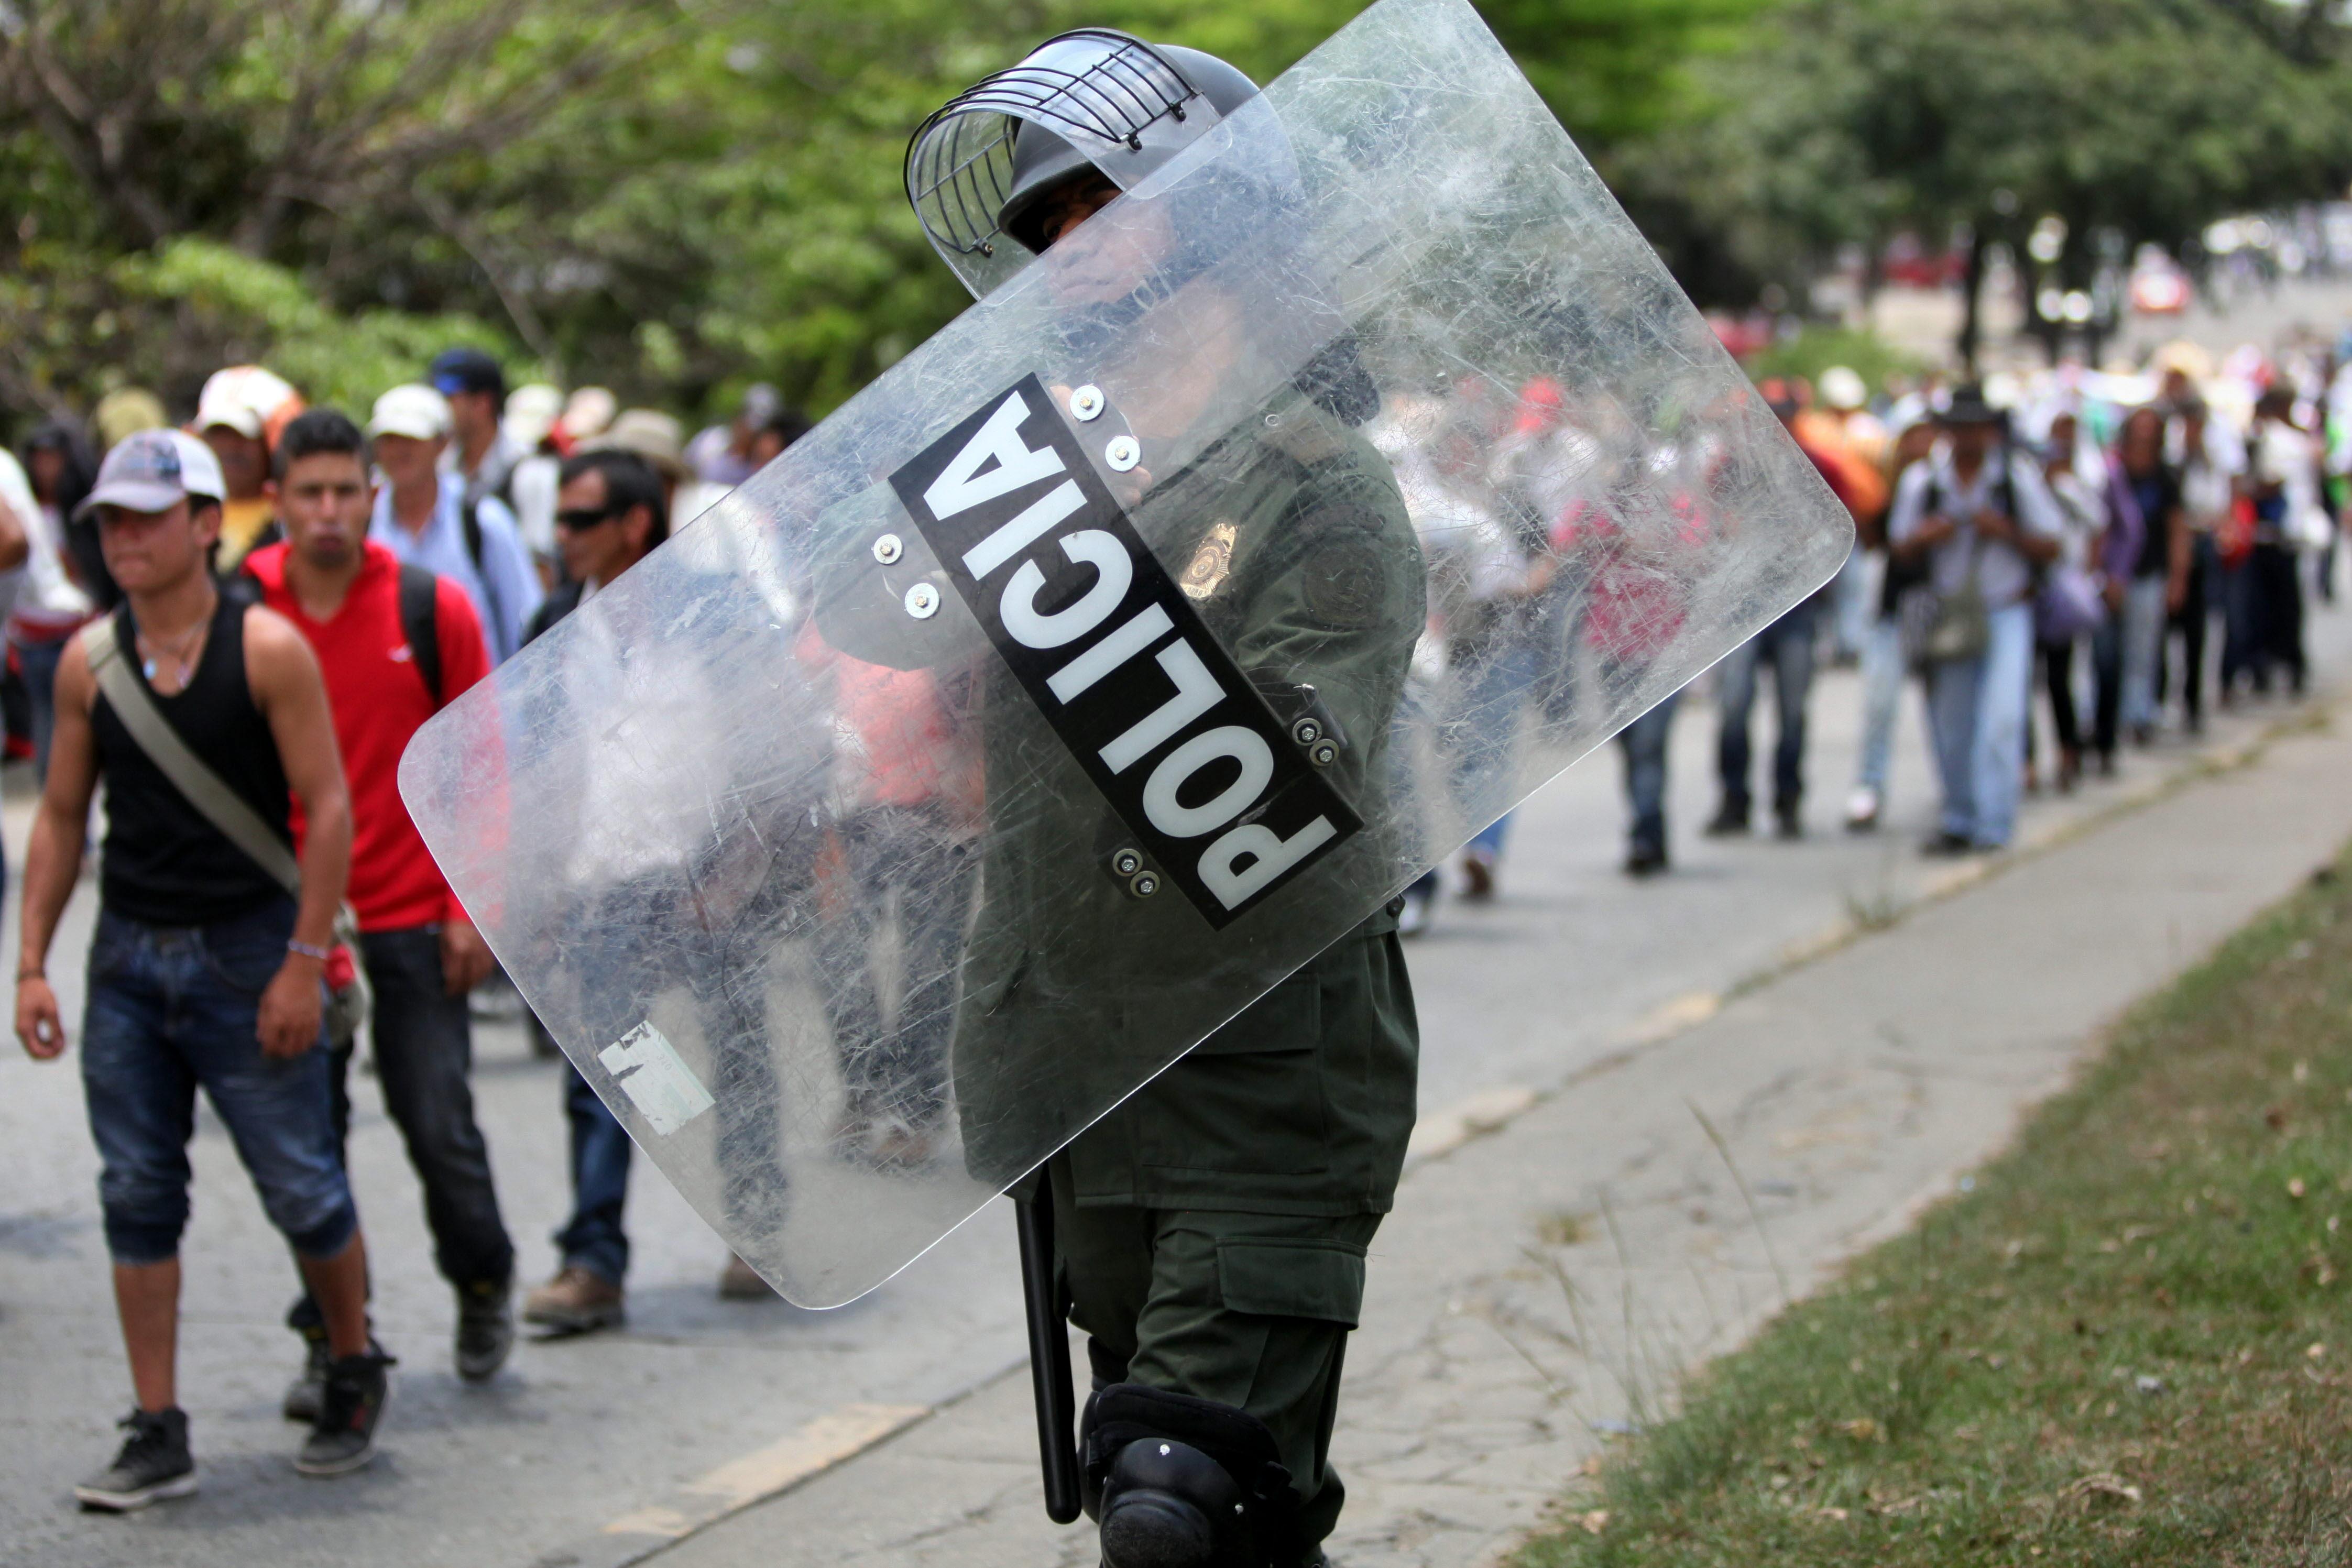 Colombia enfrenta el paro nacional con al menos 19 muertos y 800 heridos por la violencia policial en las protestas